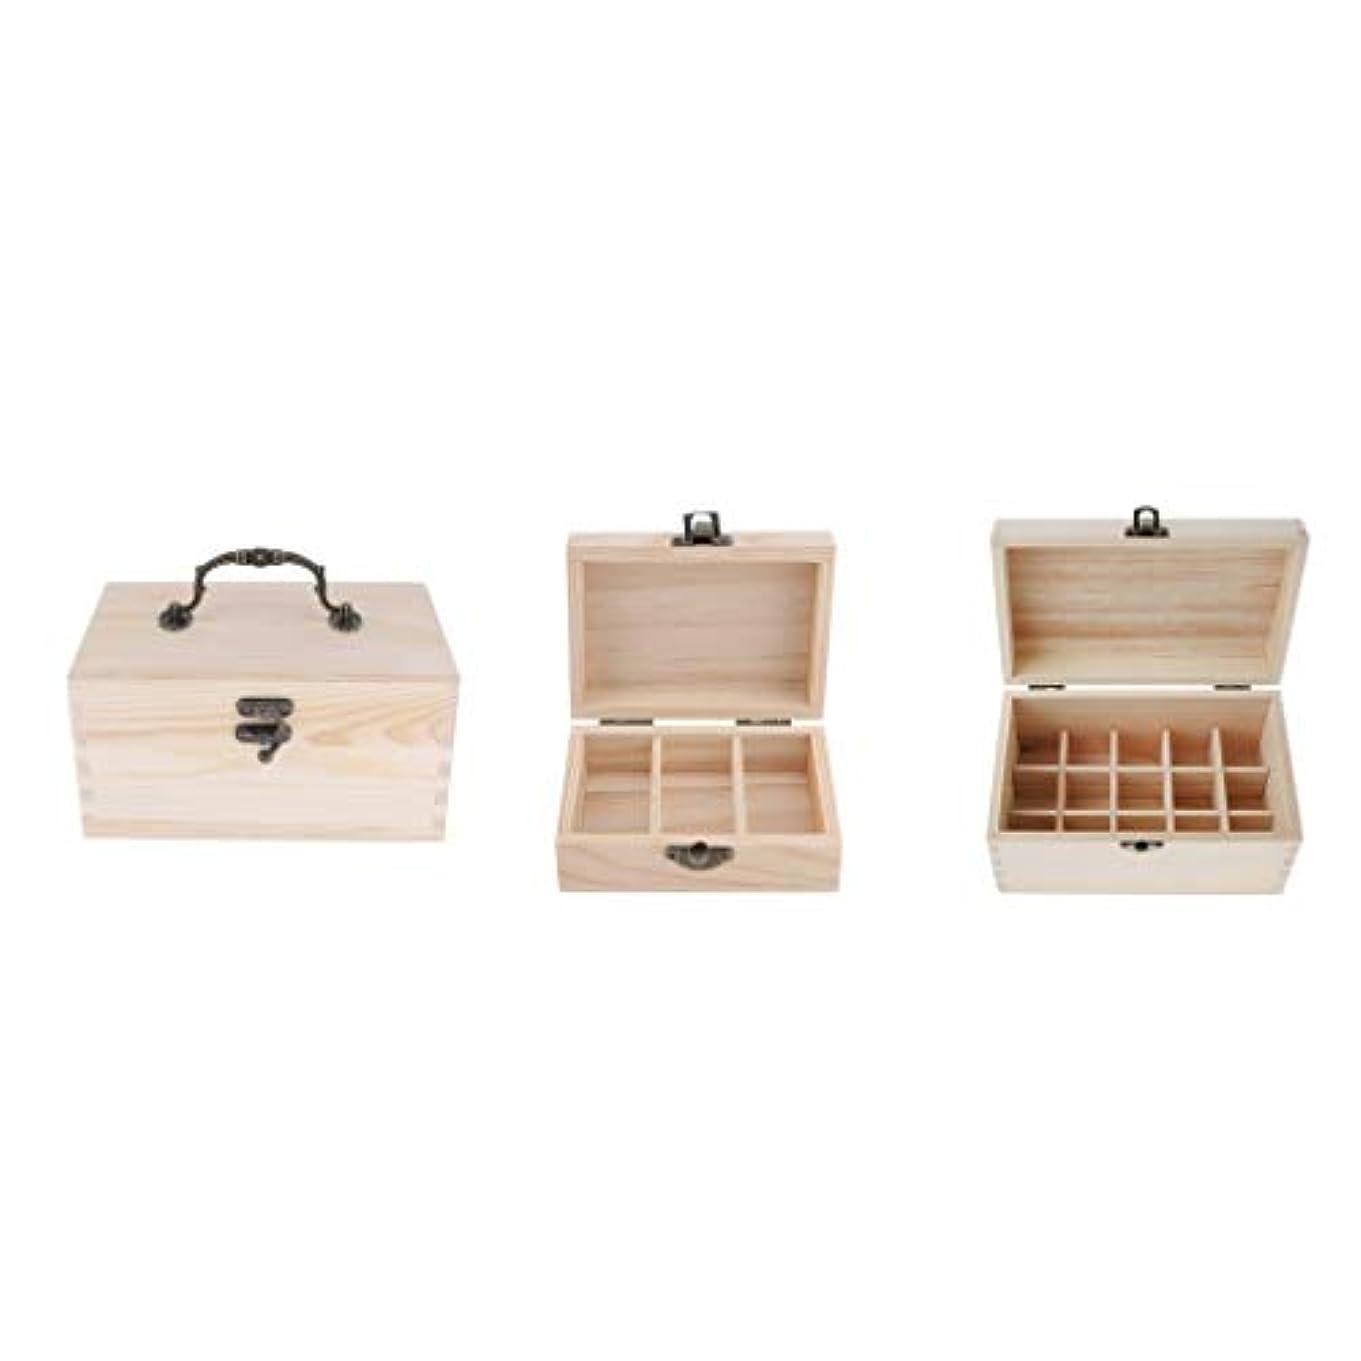 見出し凶暴なカウンターパートHellery 3個入 精油収納ケース 木製 エッセンシャルオイル 収納ボックス 香水収納ケース アロマオイル収納ボックス